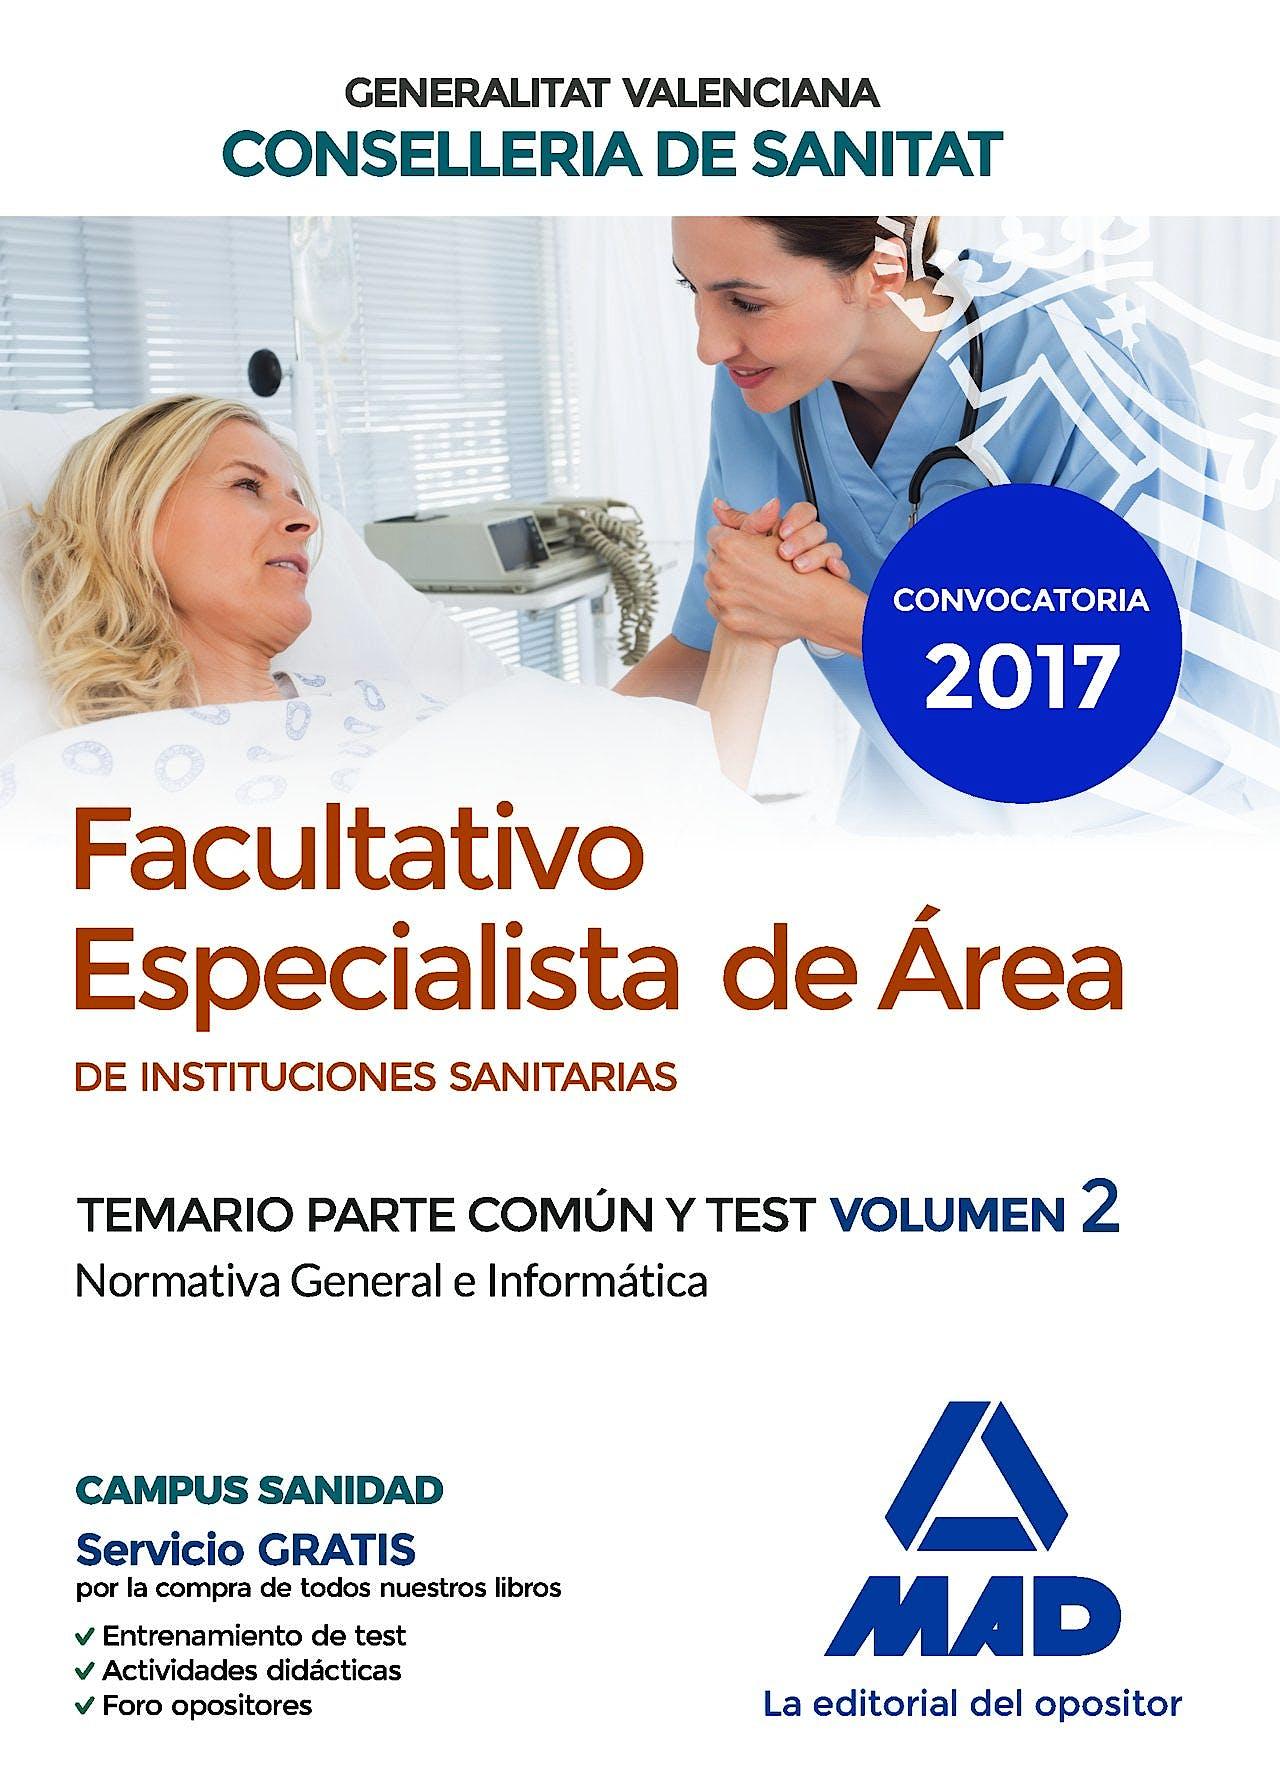 Portada del libro 9788414208137 Facultativo Especialista de Área de Instituciones Sanitarias Generalitat Valenciana Conselleria de Sanitat. Temario Parte Común y Test, Vol. 2